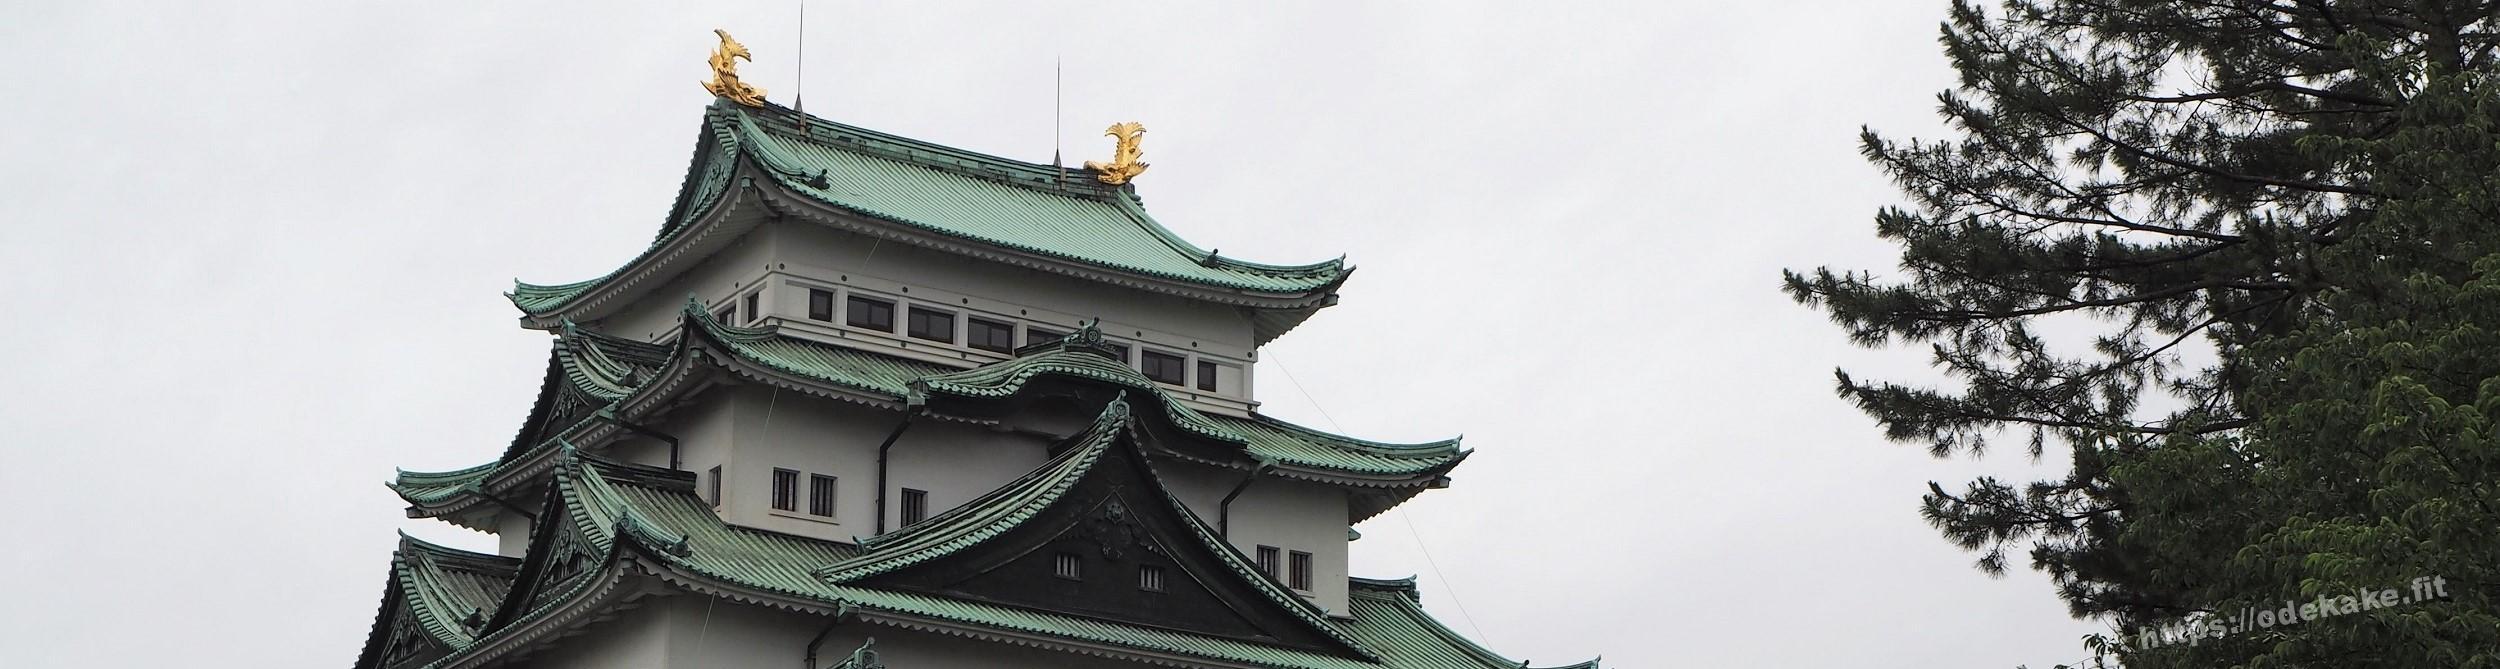 【日帰り名古屋】名古屋城の新しい本丸御殿に行ったので写真で紹介♪豪華絢爛!